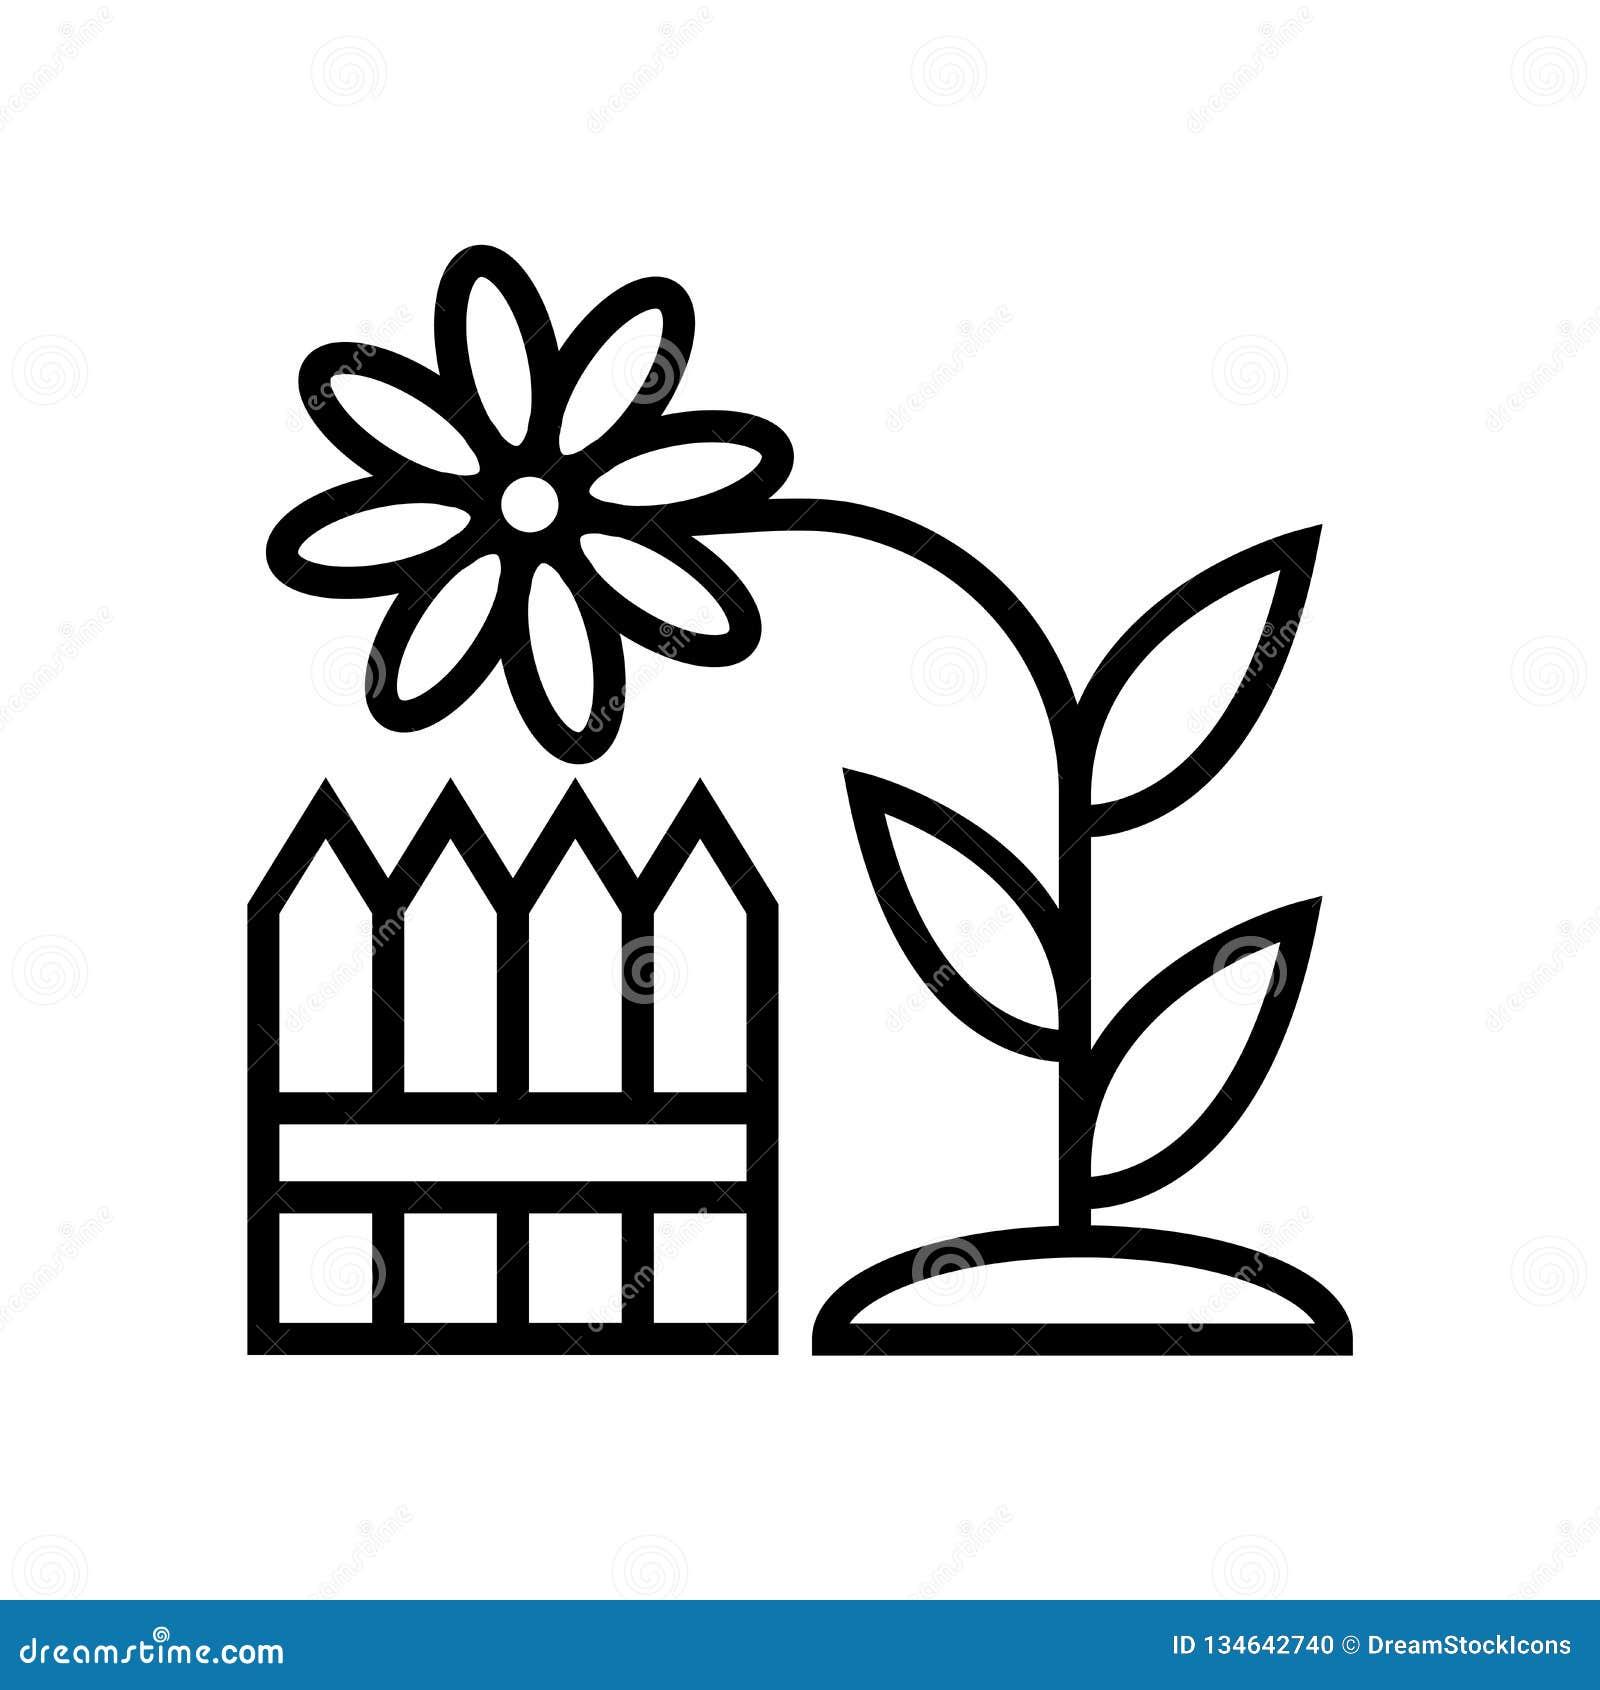 O vetor do ícone das cercas isolado no fundo branco, cerca o sinal, a linha ou o sinal linear, projeto do elemento no estilo do e